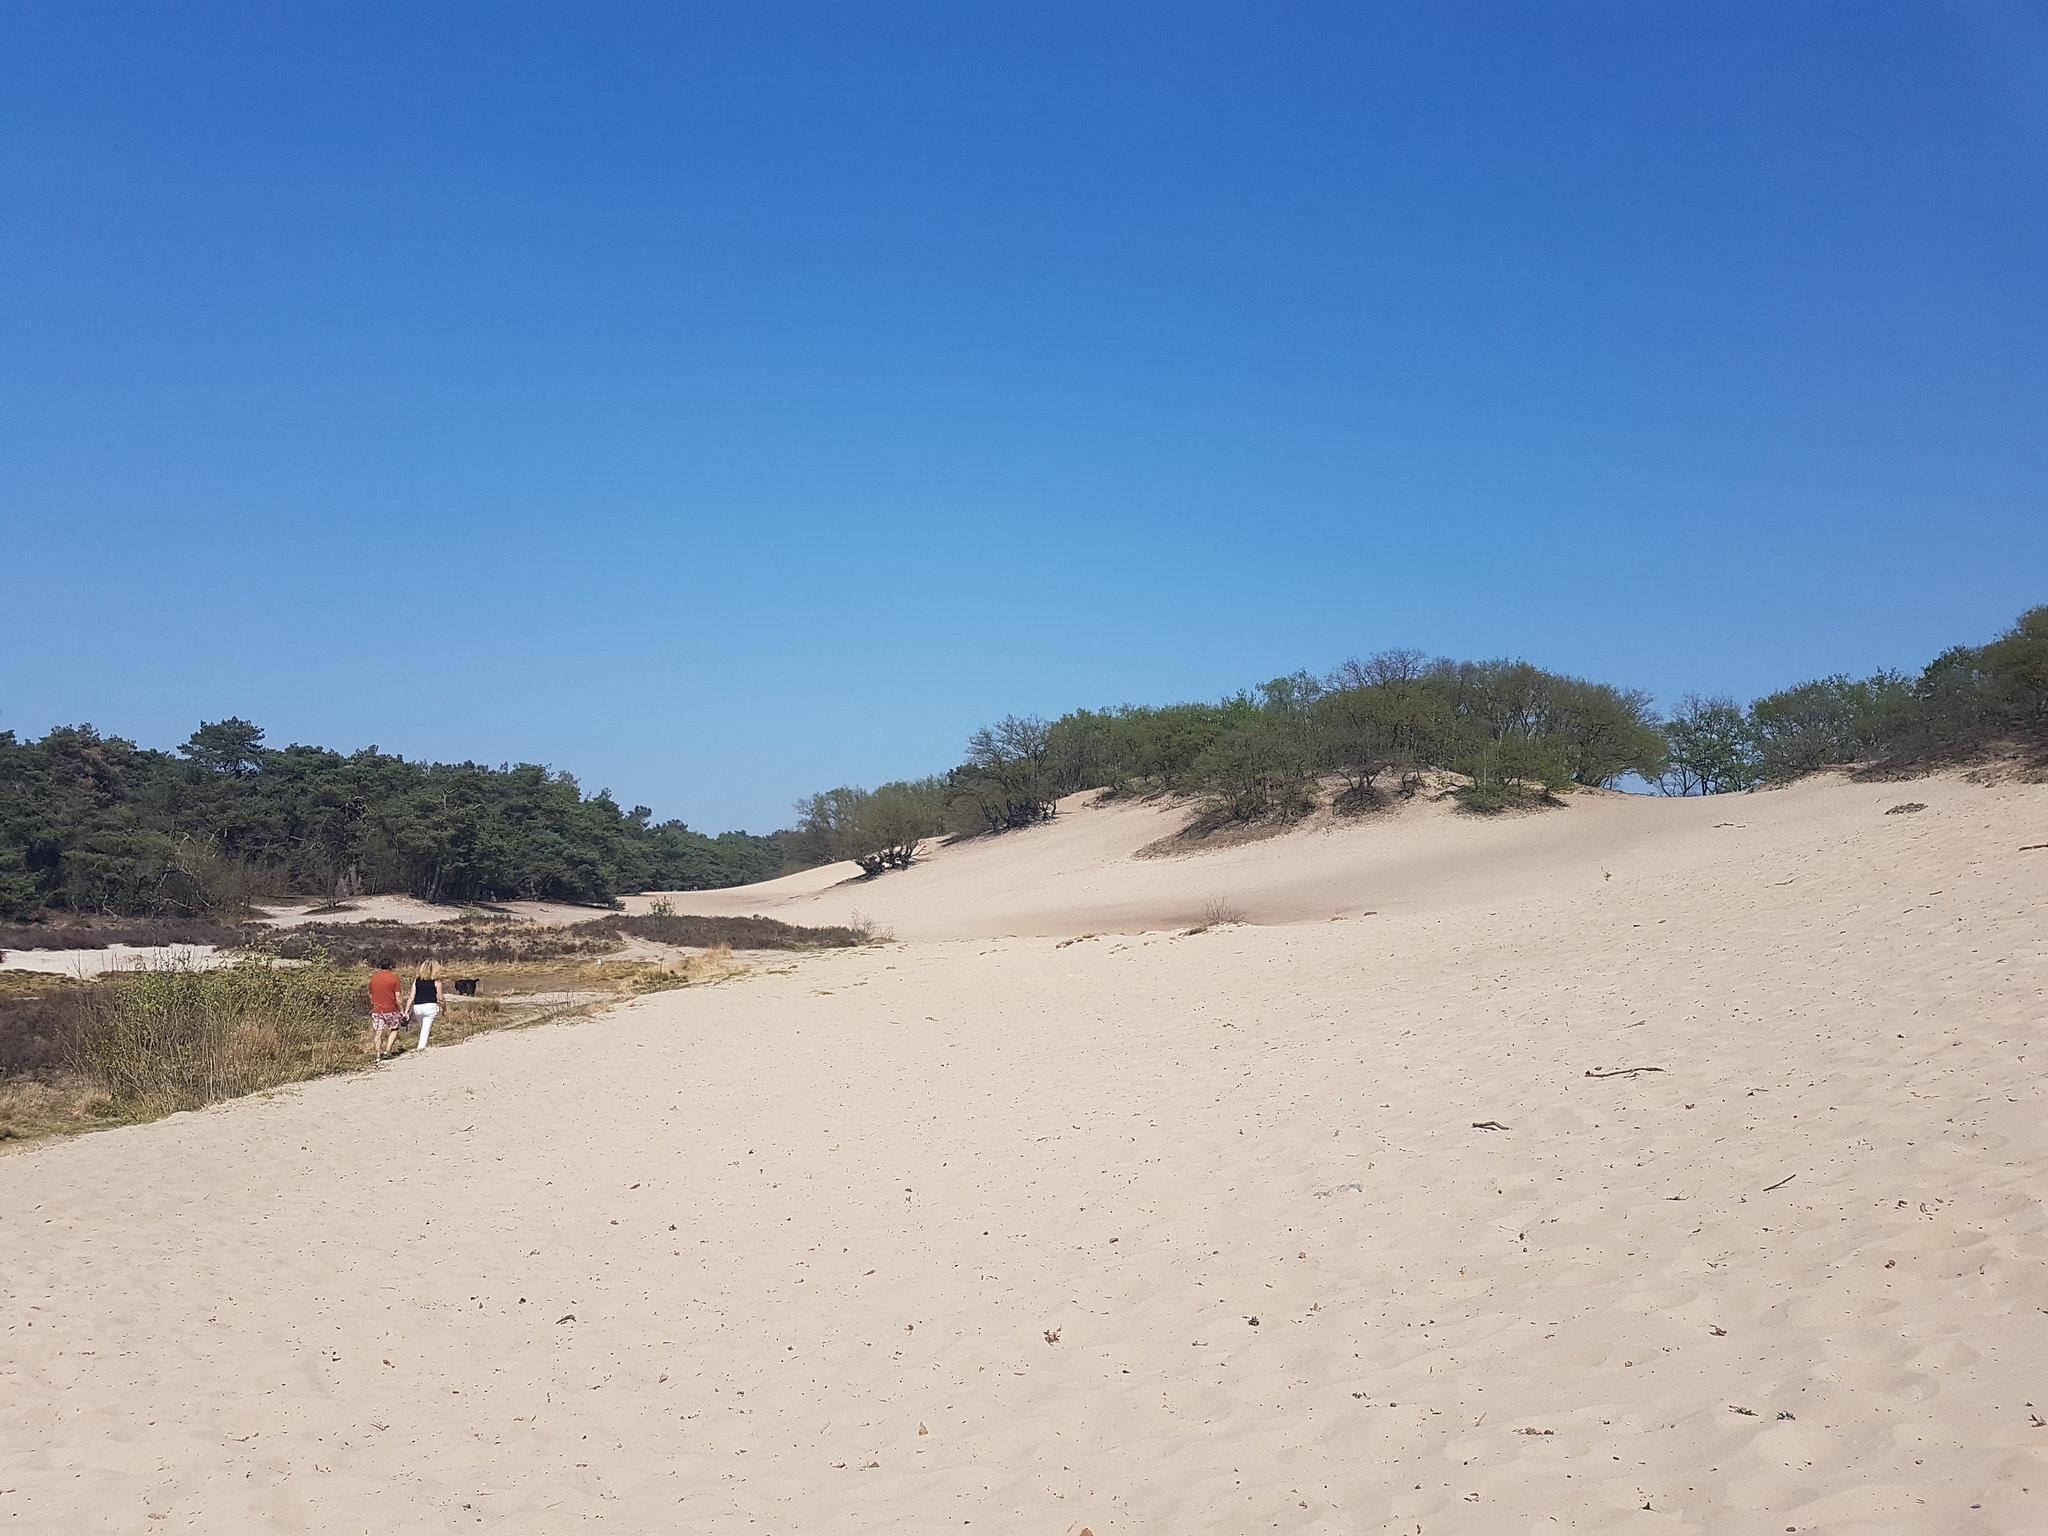 Strakblauwe lucht en een uitgestrekte vlakte met zandduinen